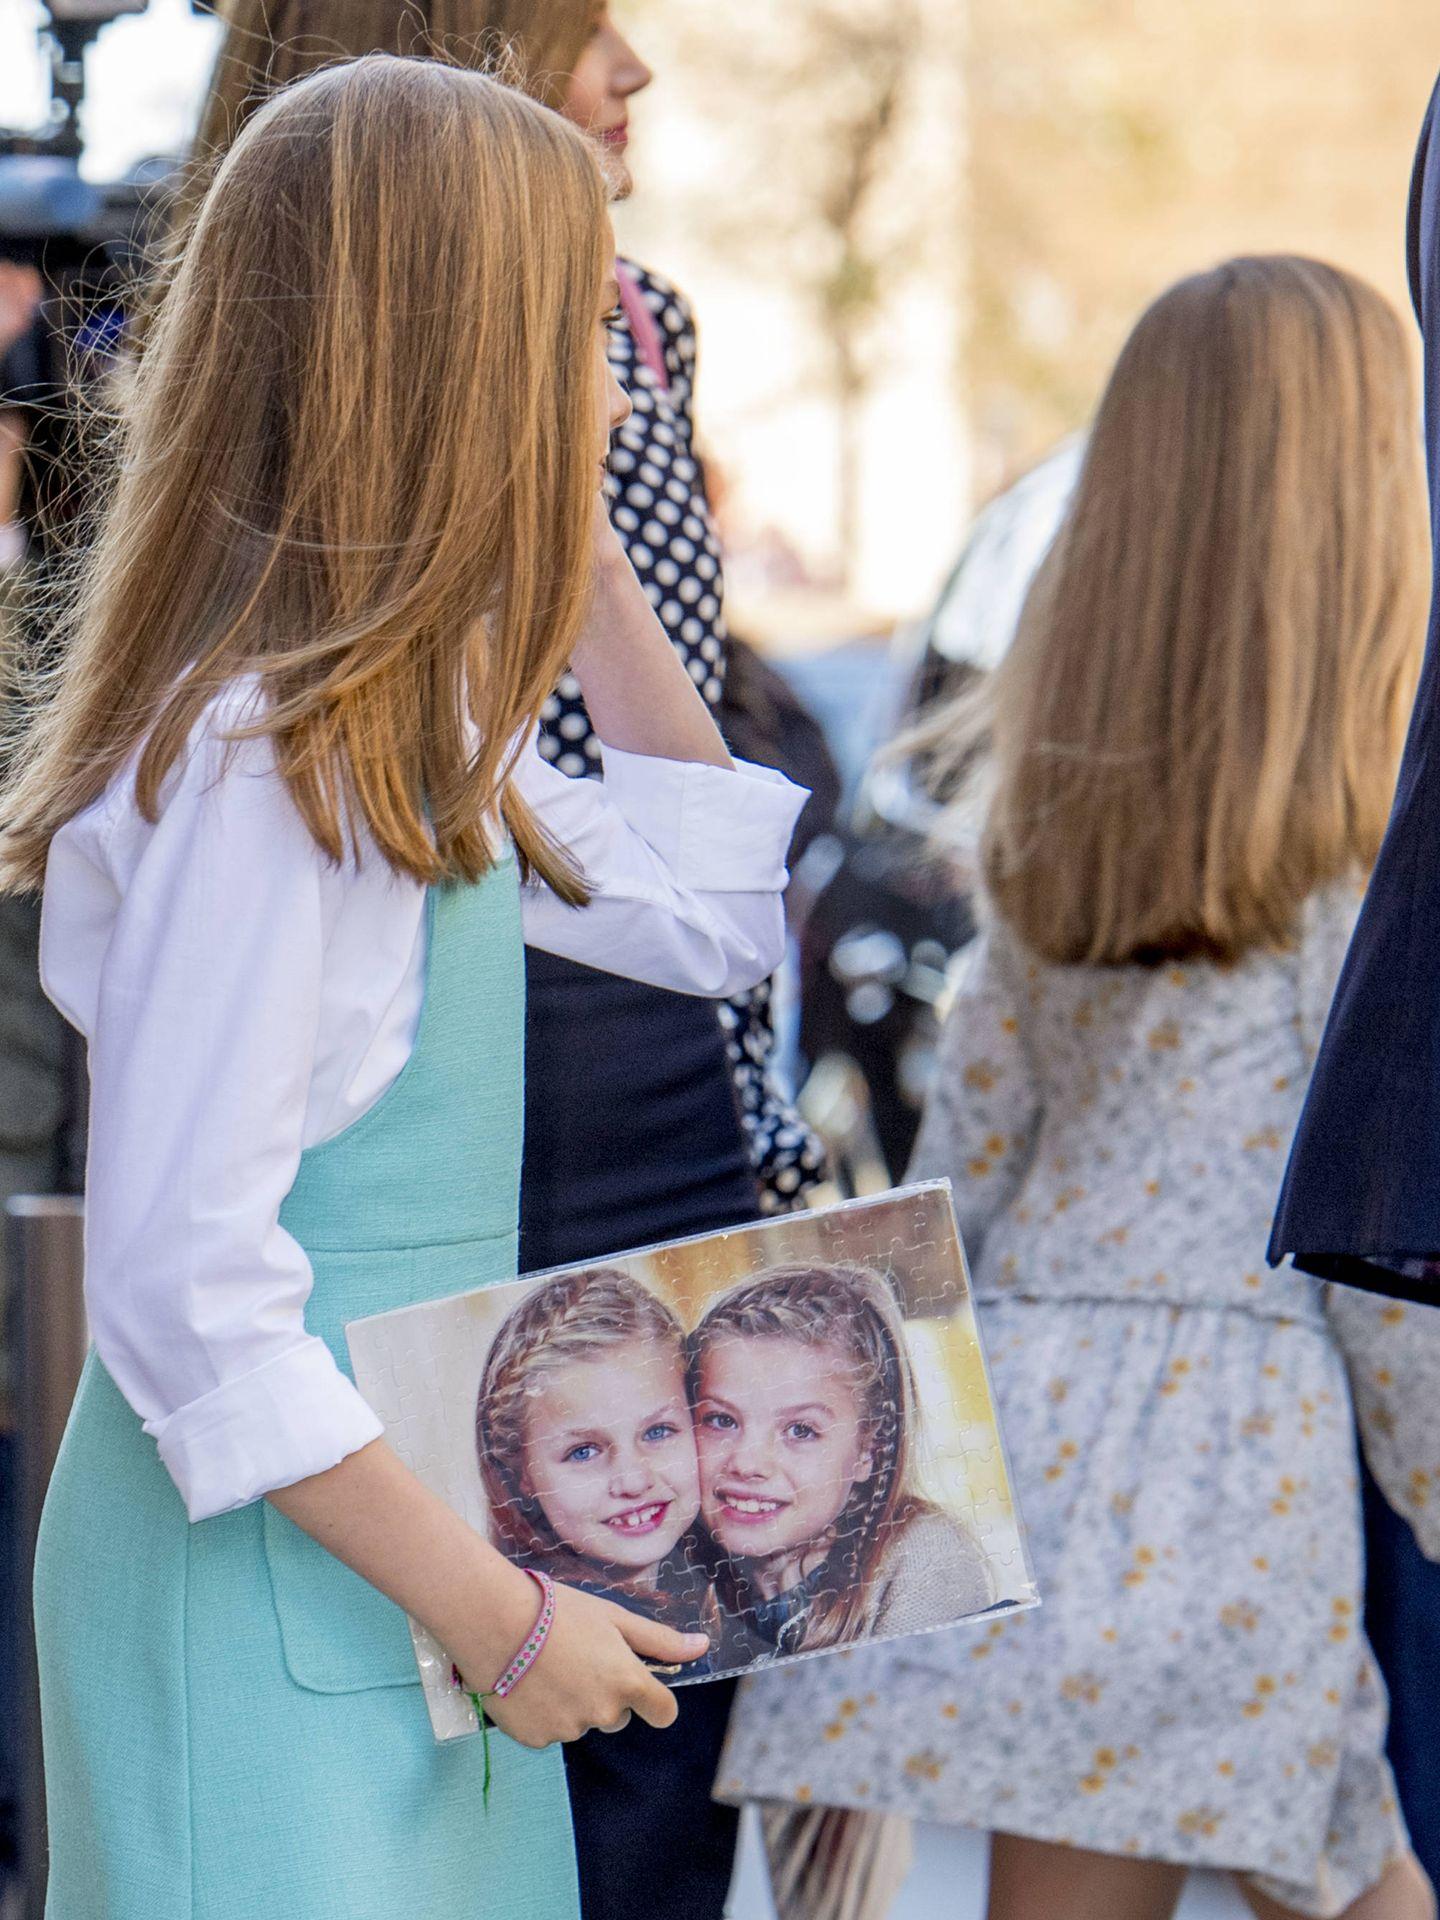 La princesa Sofía y la infanta Leonor cogiendo el puzle. (Gtres)